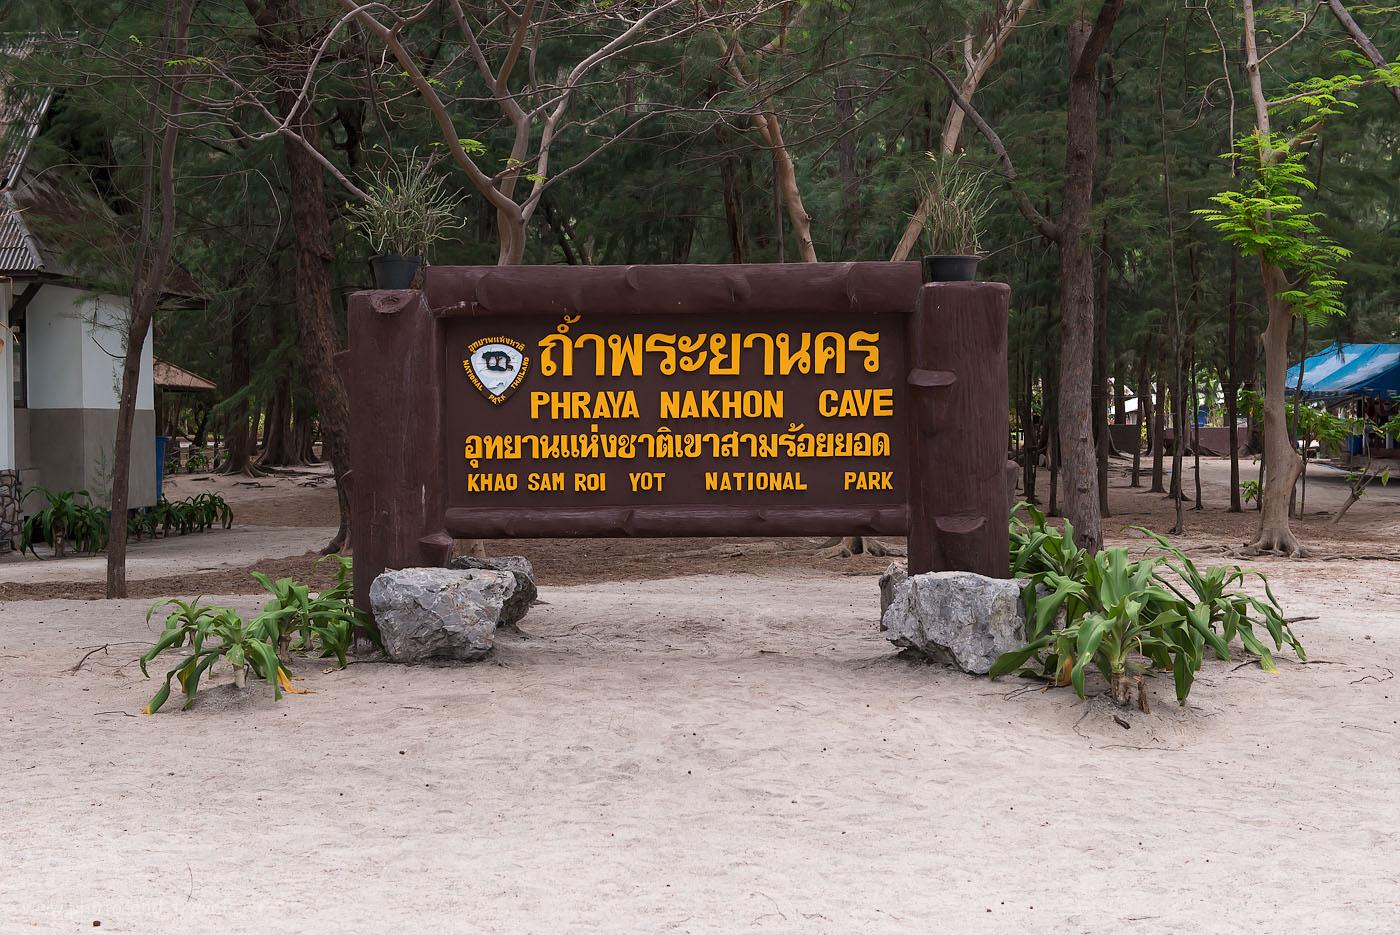 Фотография 9. За этим указателем - тропа к пещере Phraya Nakhon Cave. Экскурсии в окрестностях Хуахина (800, 50, F=8.0, 1/160)